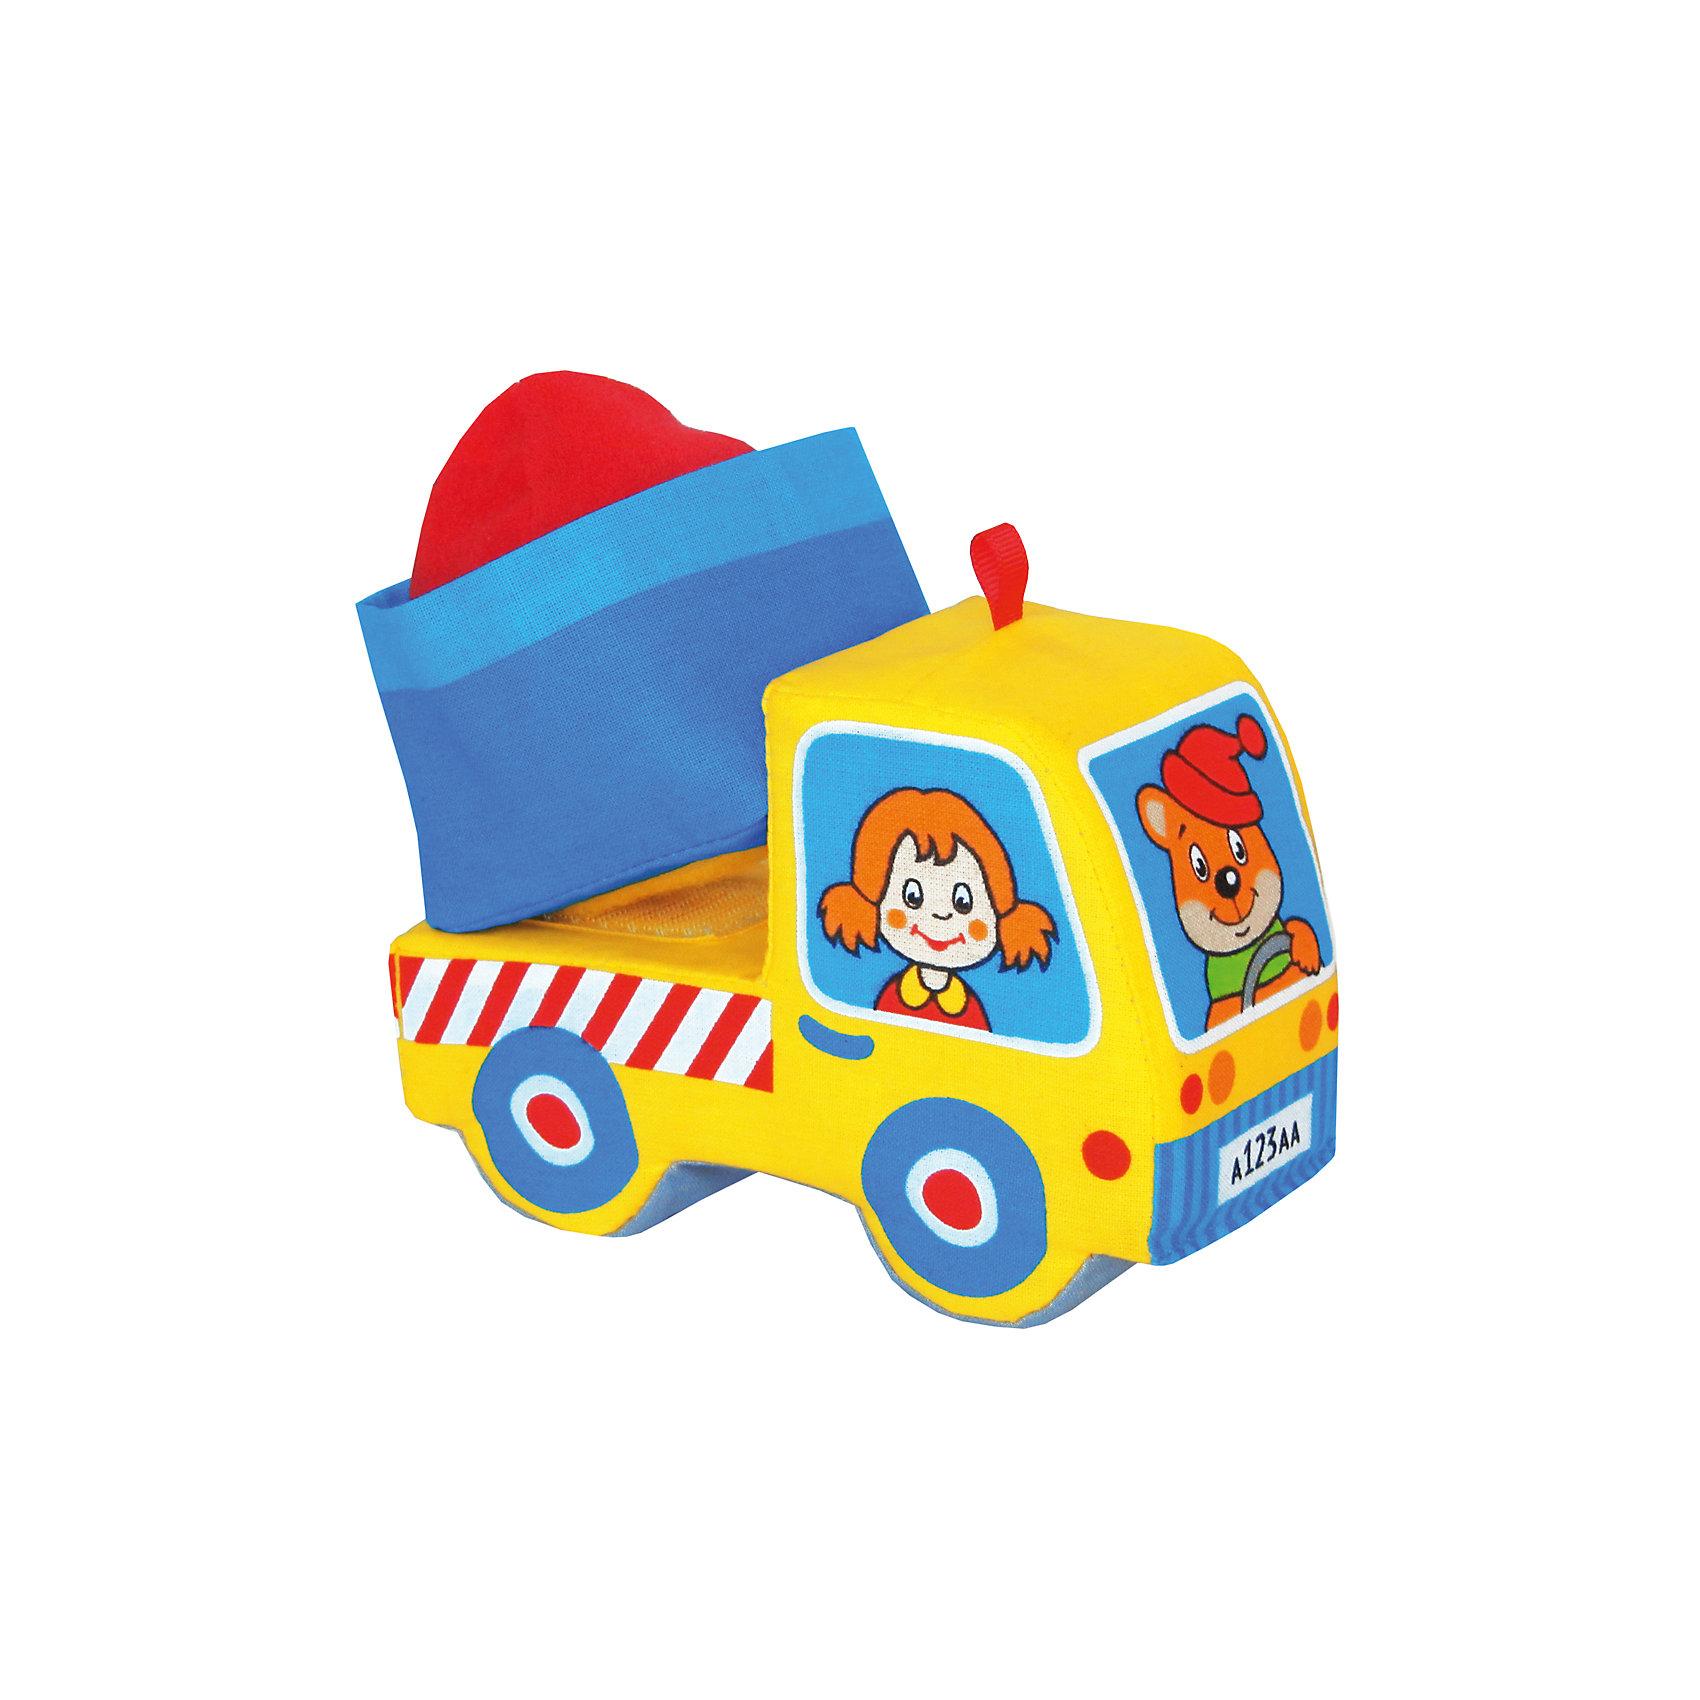 Грузовичок, Мякиши, в ассортиментеКубики<br>Характеристики товара:<br><br>• материал: текстиль<br>• комплектация: 1 шт<br>• размер игрушки: 14х10х6 см<br>• развивающая игрушка<br>• разнофактурный материал<br>• упаковка: пакет<br>• кузов на липучке<br>• страна бренда: РФ<br>• страна изготовитель: РФ<br><br>Малыши активно познают мир и тянутся к новой информации. Чтобы сделать процесс изучения окружающего пространства интереснее, ребенку можно подарить развивающие игрушки. В процессе игры информация усваивается намного лучше!<br>Такие игрушки помогут занять малыша, играть с ними приятно и весело. Игрушка дополнена кузовом на липучке и грузом, набитым гранулами. С ней можно разыграть множество сюжетов! Одновременно она позволит познакомиться с разными цветами и фактурами. Такие игрушки развивают тактильные ощущения, моторику, цветовосприятие, логику, воображение, учат фокусировать внимание. Каждое изделие абсолютно безопасно – оно создано из качественной ткани с мягким наполнителем. Игрушки производятся из качественных и проверенных материалов, которые безопасны для детей.<br><br>Грузовичок от бренда Мякиши можно купить в нашем интернет-магазине.<br><br>Ширина мм: 160<br>Глубина мм: 90<br>Высота мм: 130<br>Вес г: 40<br>Возраст от месяцев: 12<br>Возраст до месяцев: 36<br>Пол: Мужской<br>Возраст: Детский<br>SKU: 5183170